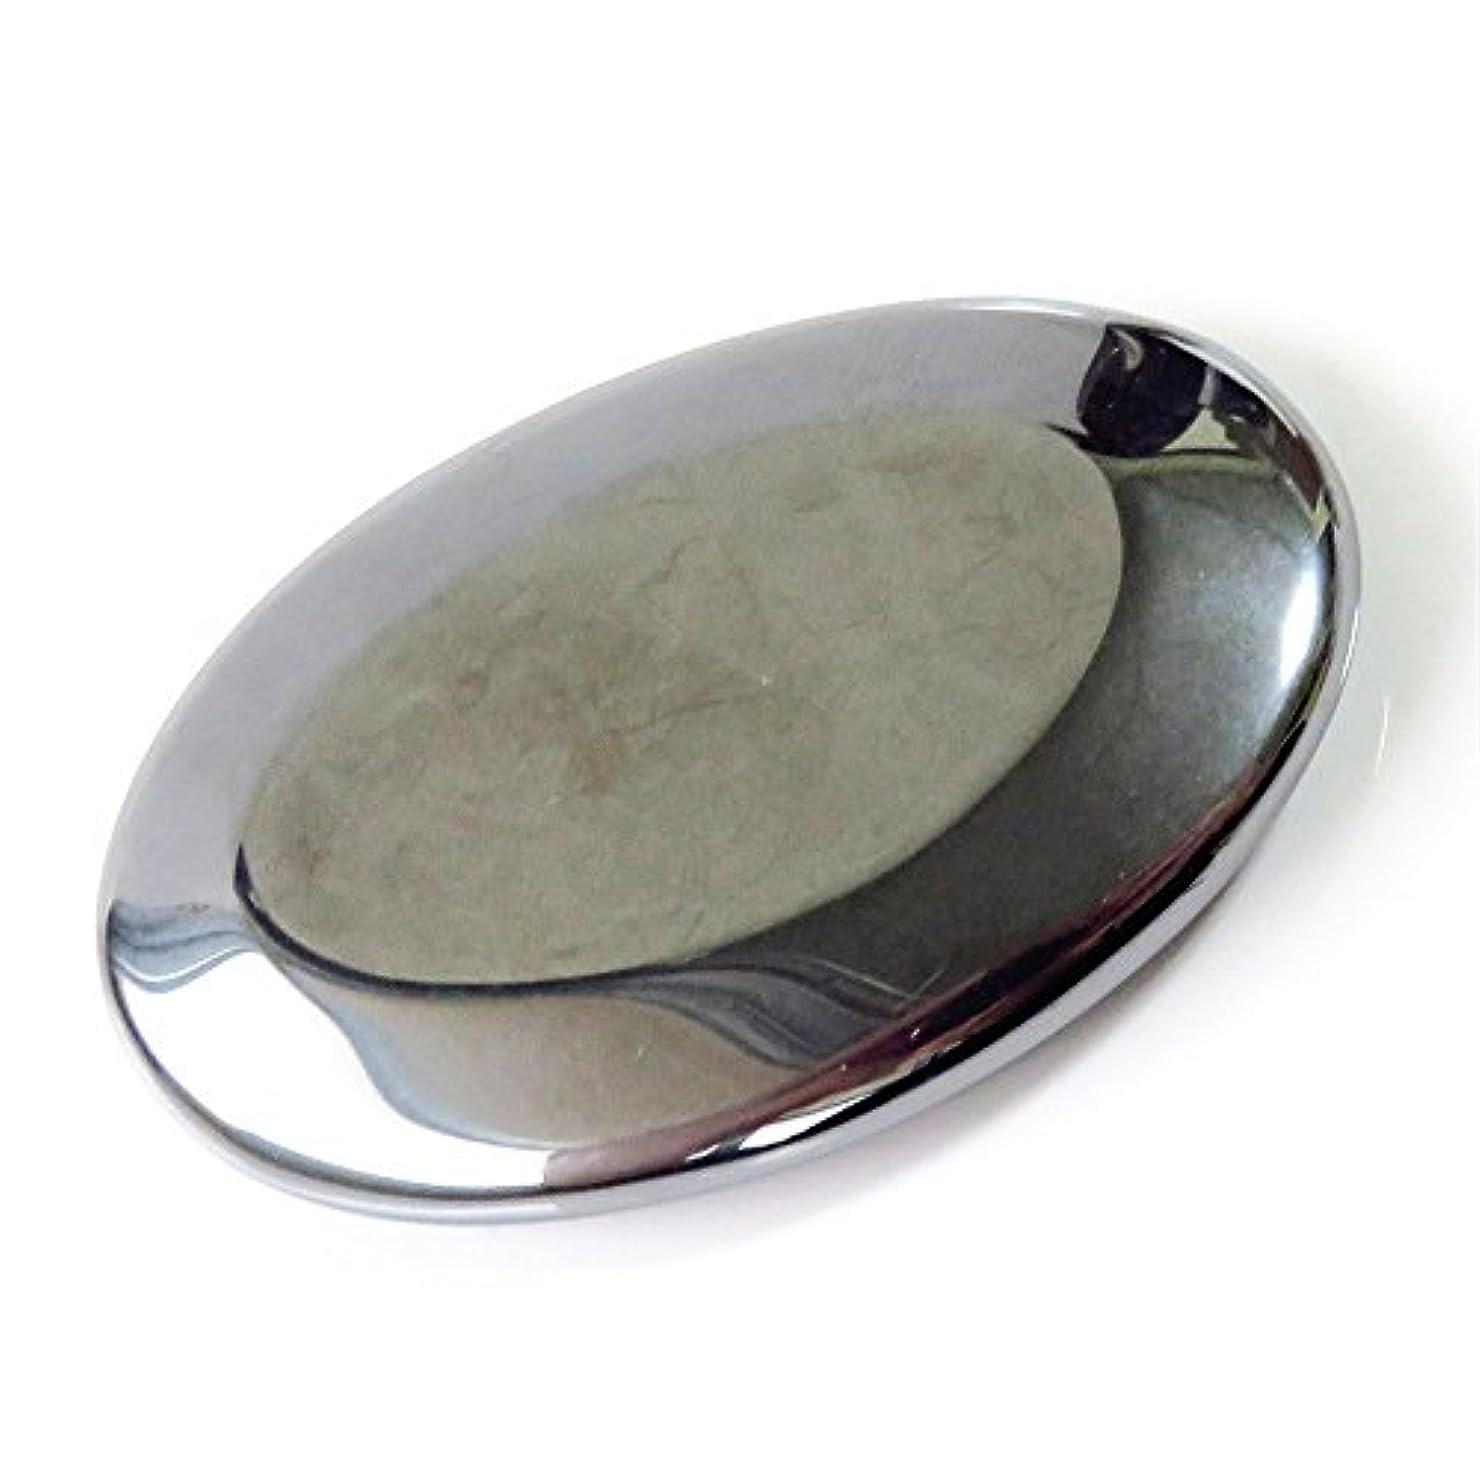 抑圧本ロック解除エステ業界も注目 テラヘルツ鉱石かっさプレート 楕円型